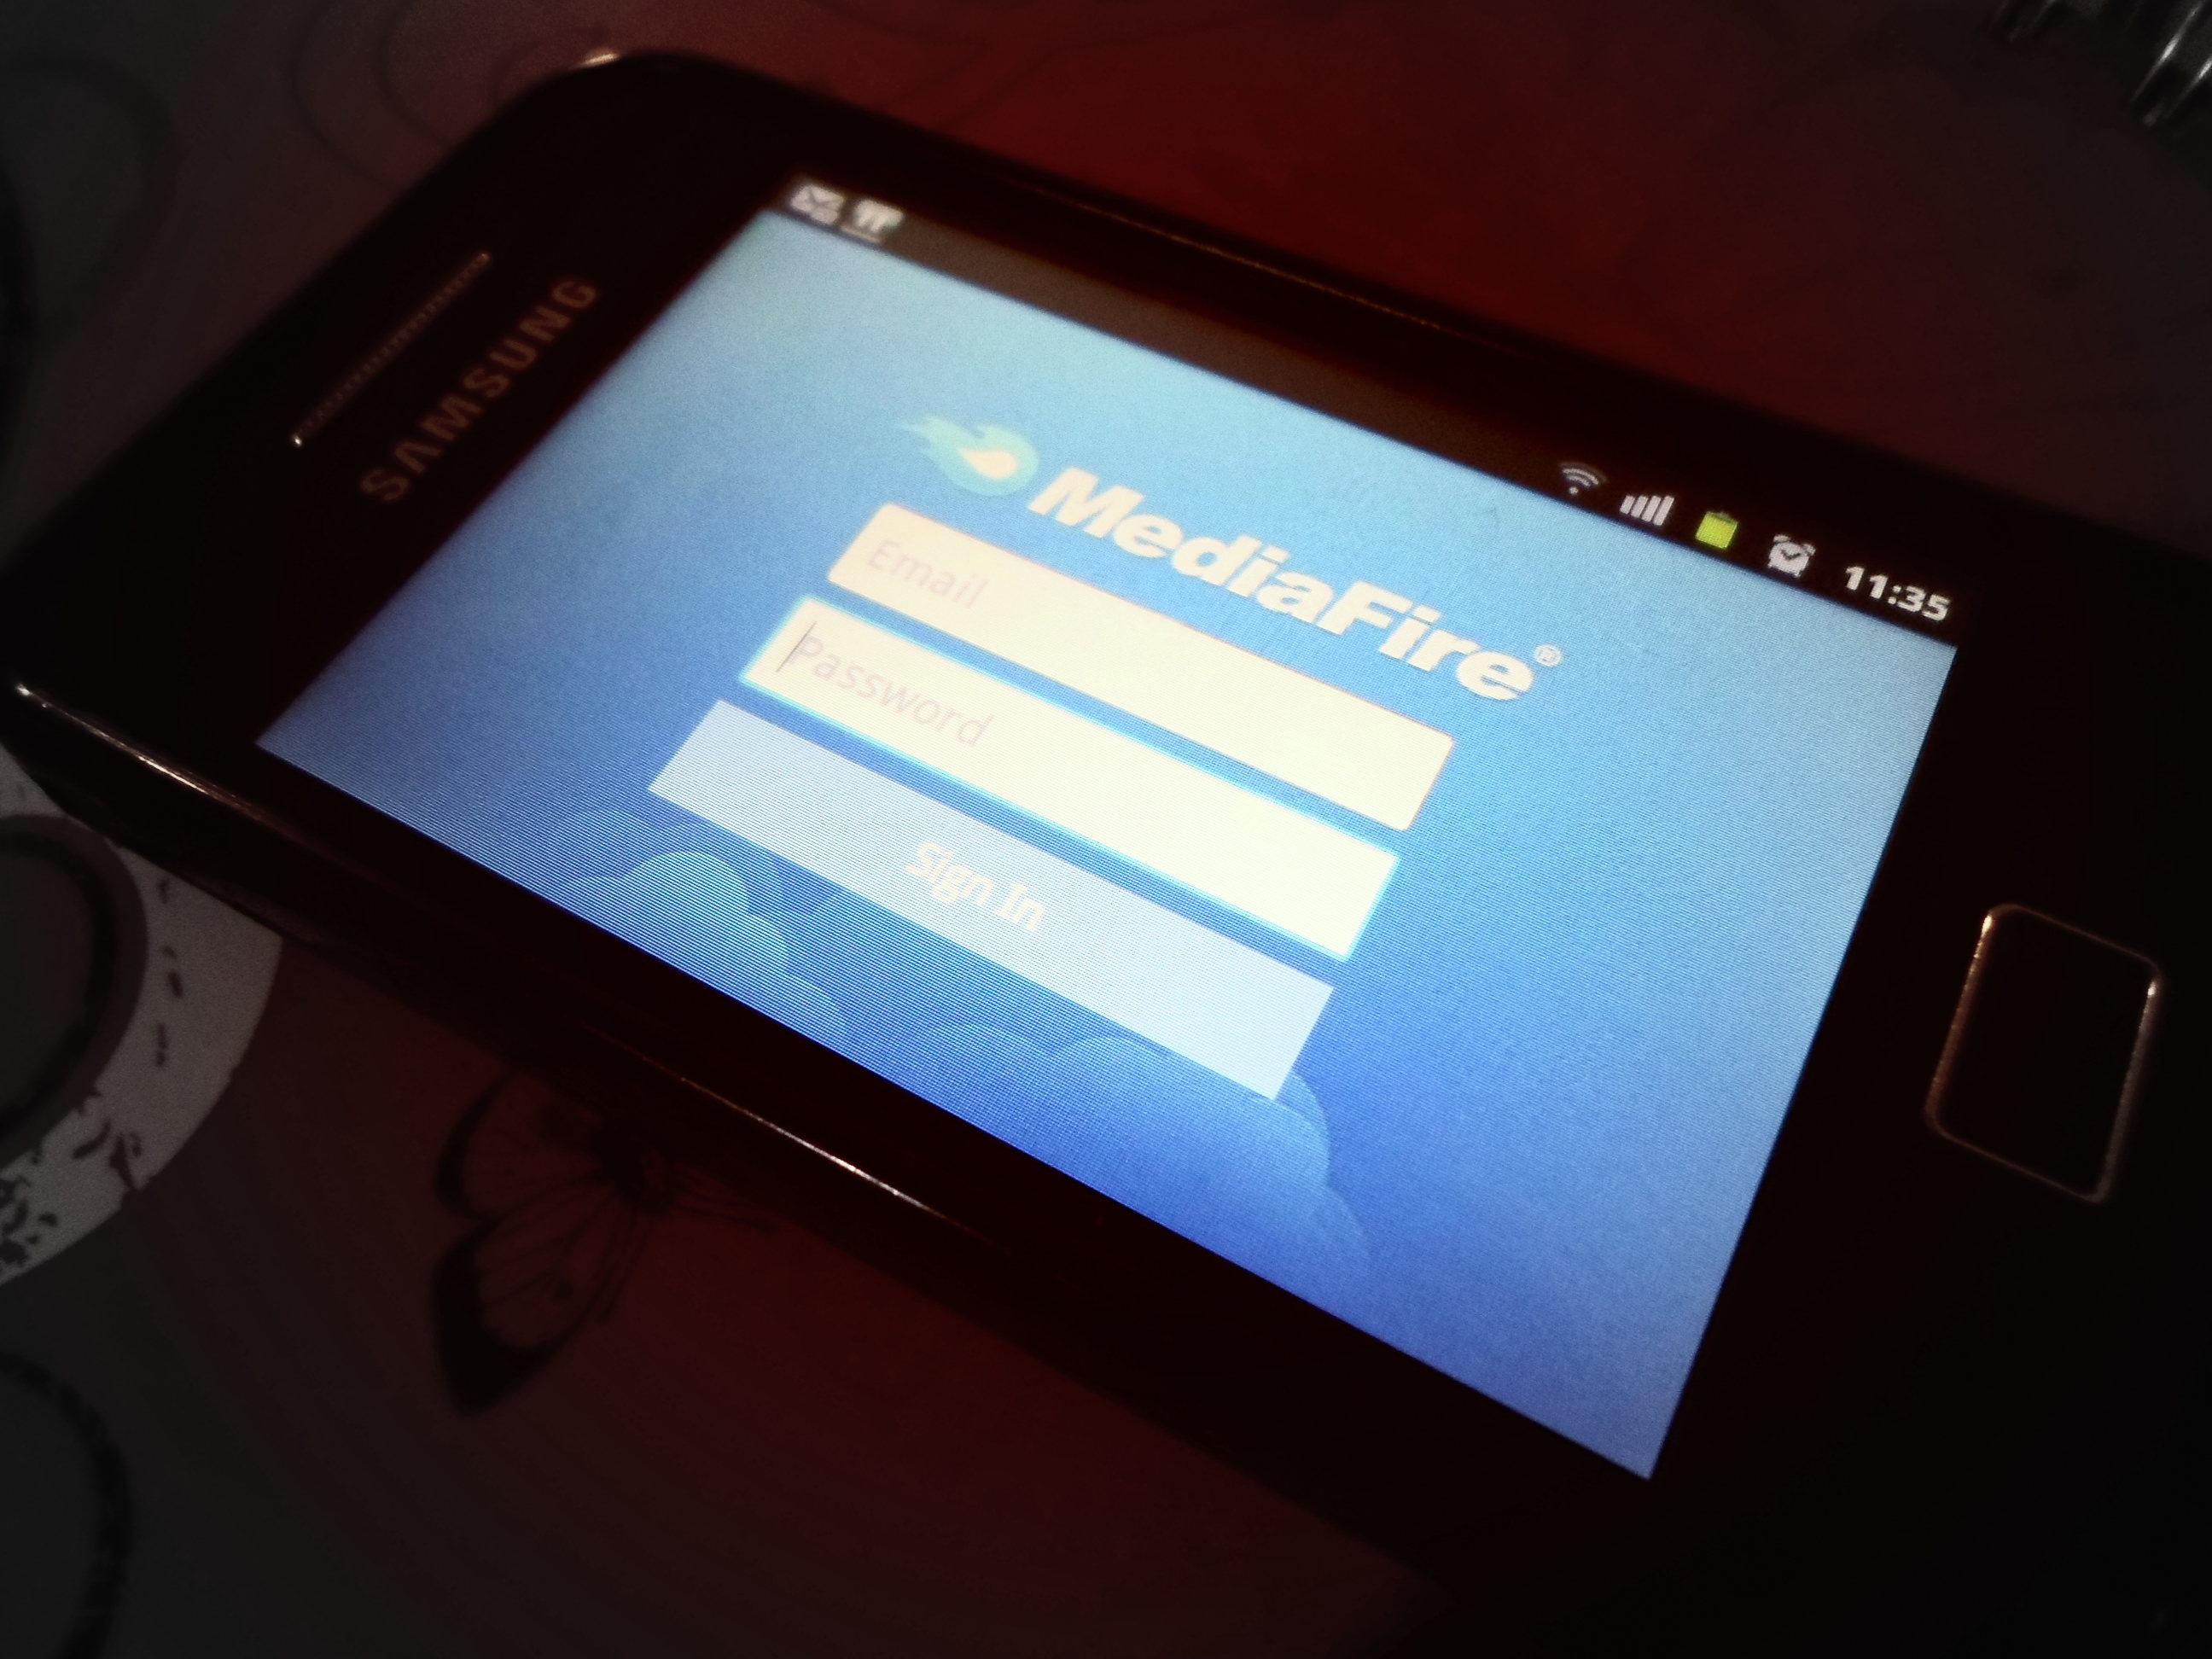 La aplicación de MediaFire ya llegó a Android